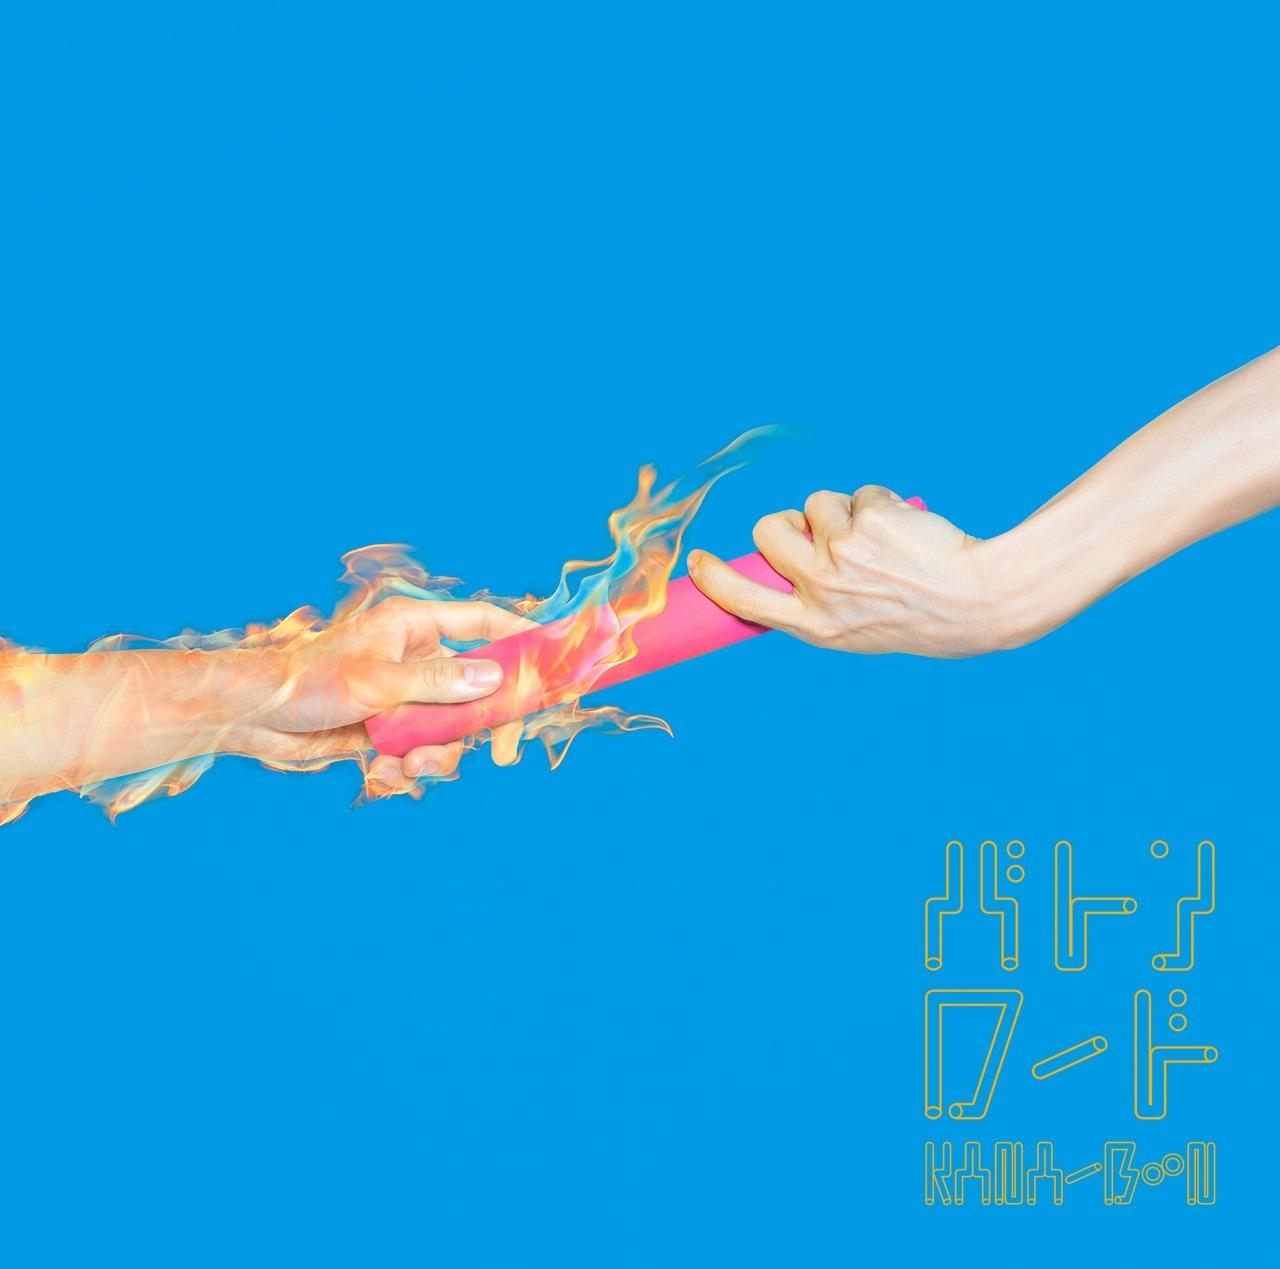 KANA-BOON「バトンロード」初回盤